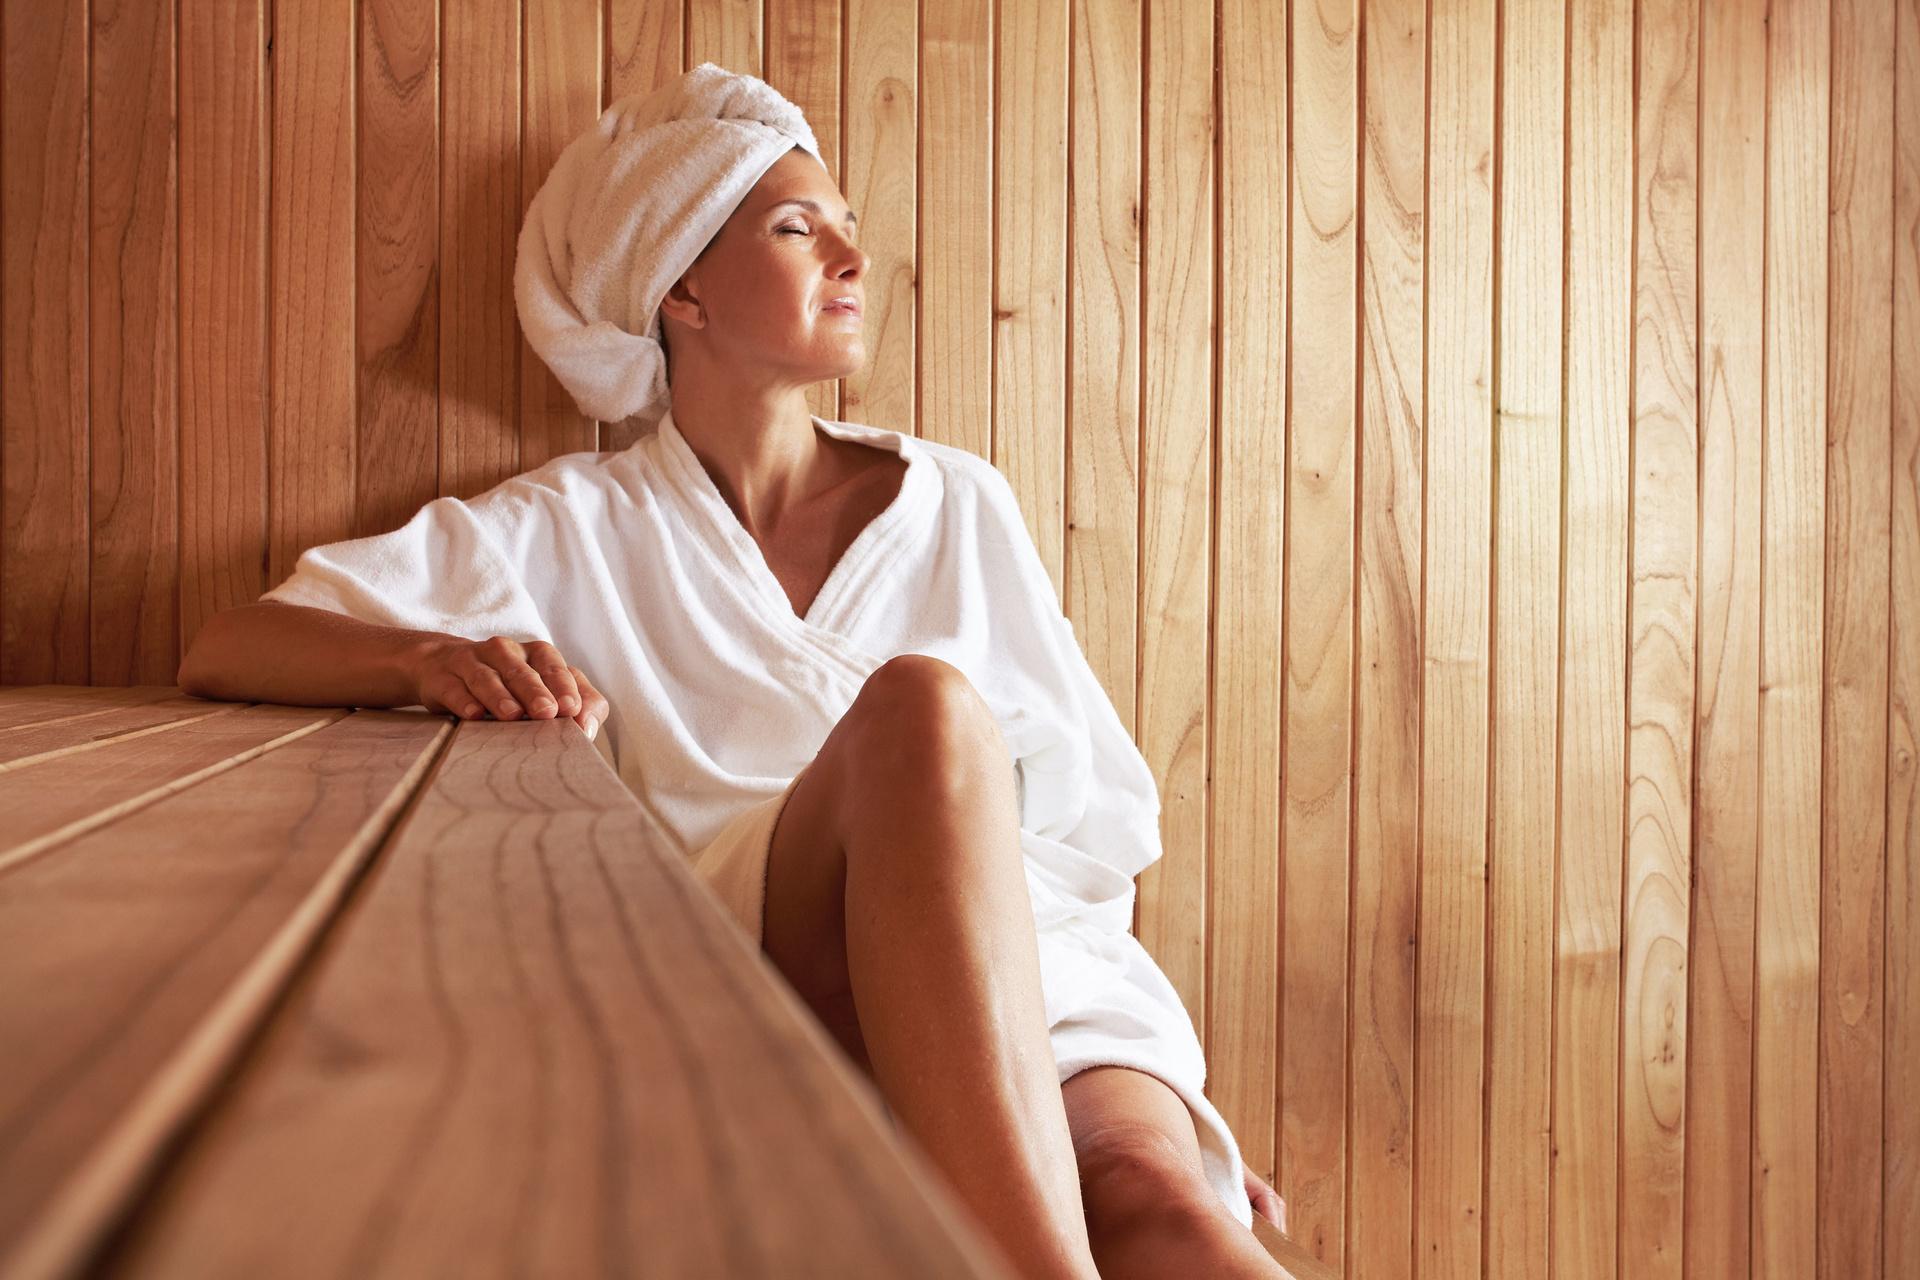 Головная боль после бани — почему возникает, и как ее избежать?